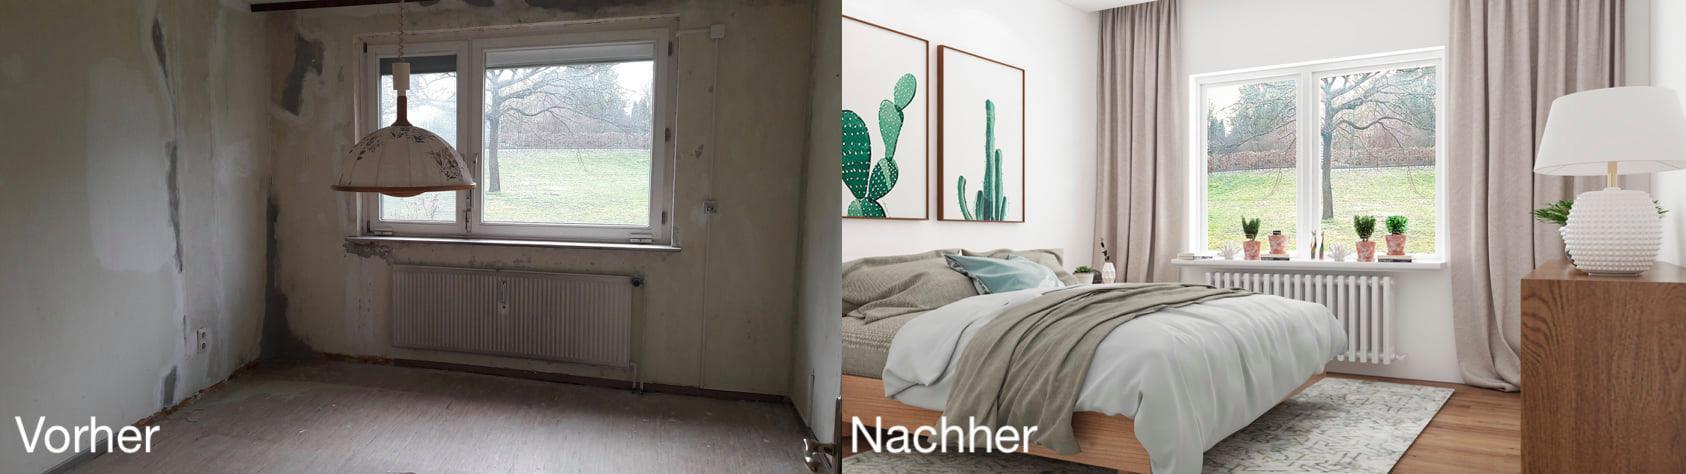 Digital Home Staging Referenz Heuberger